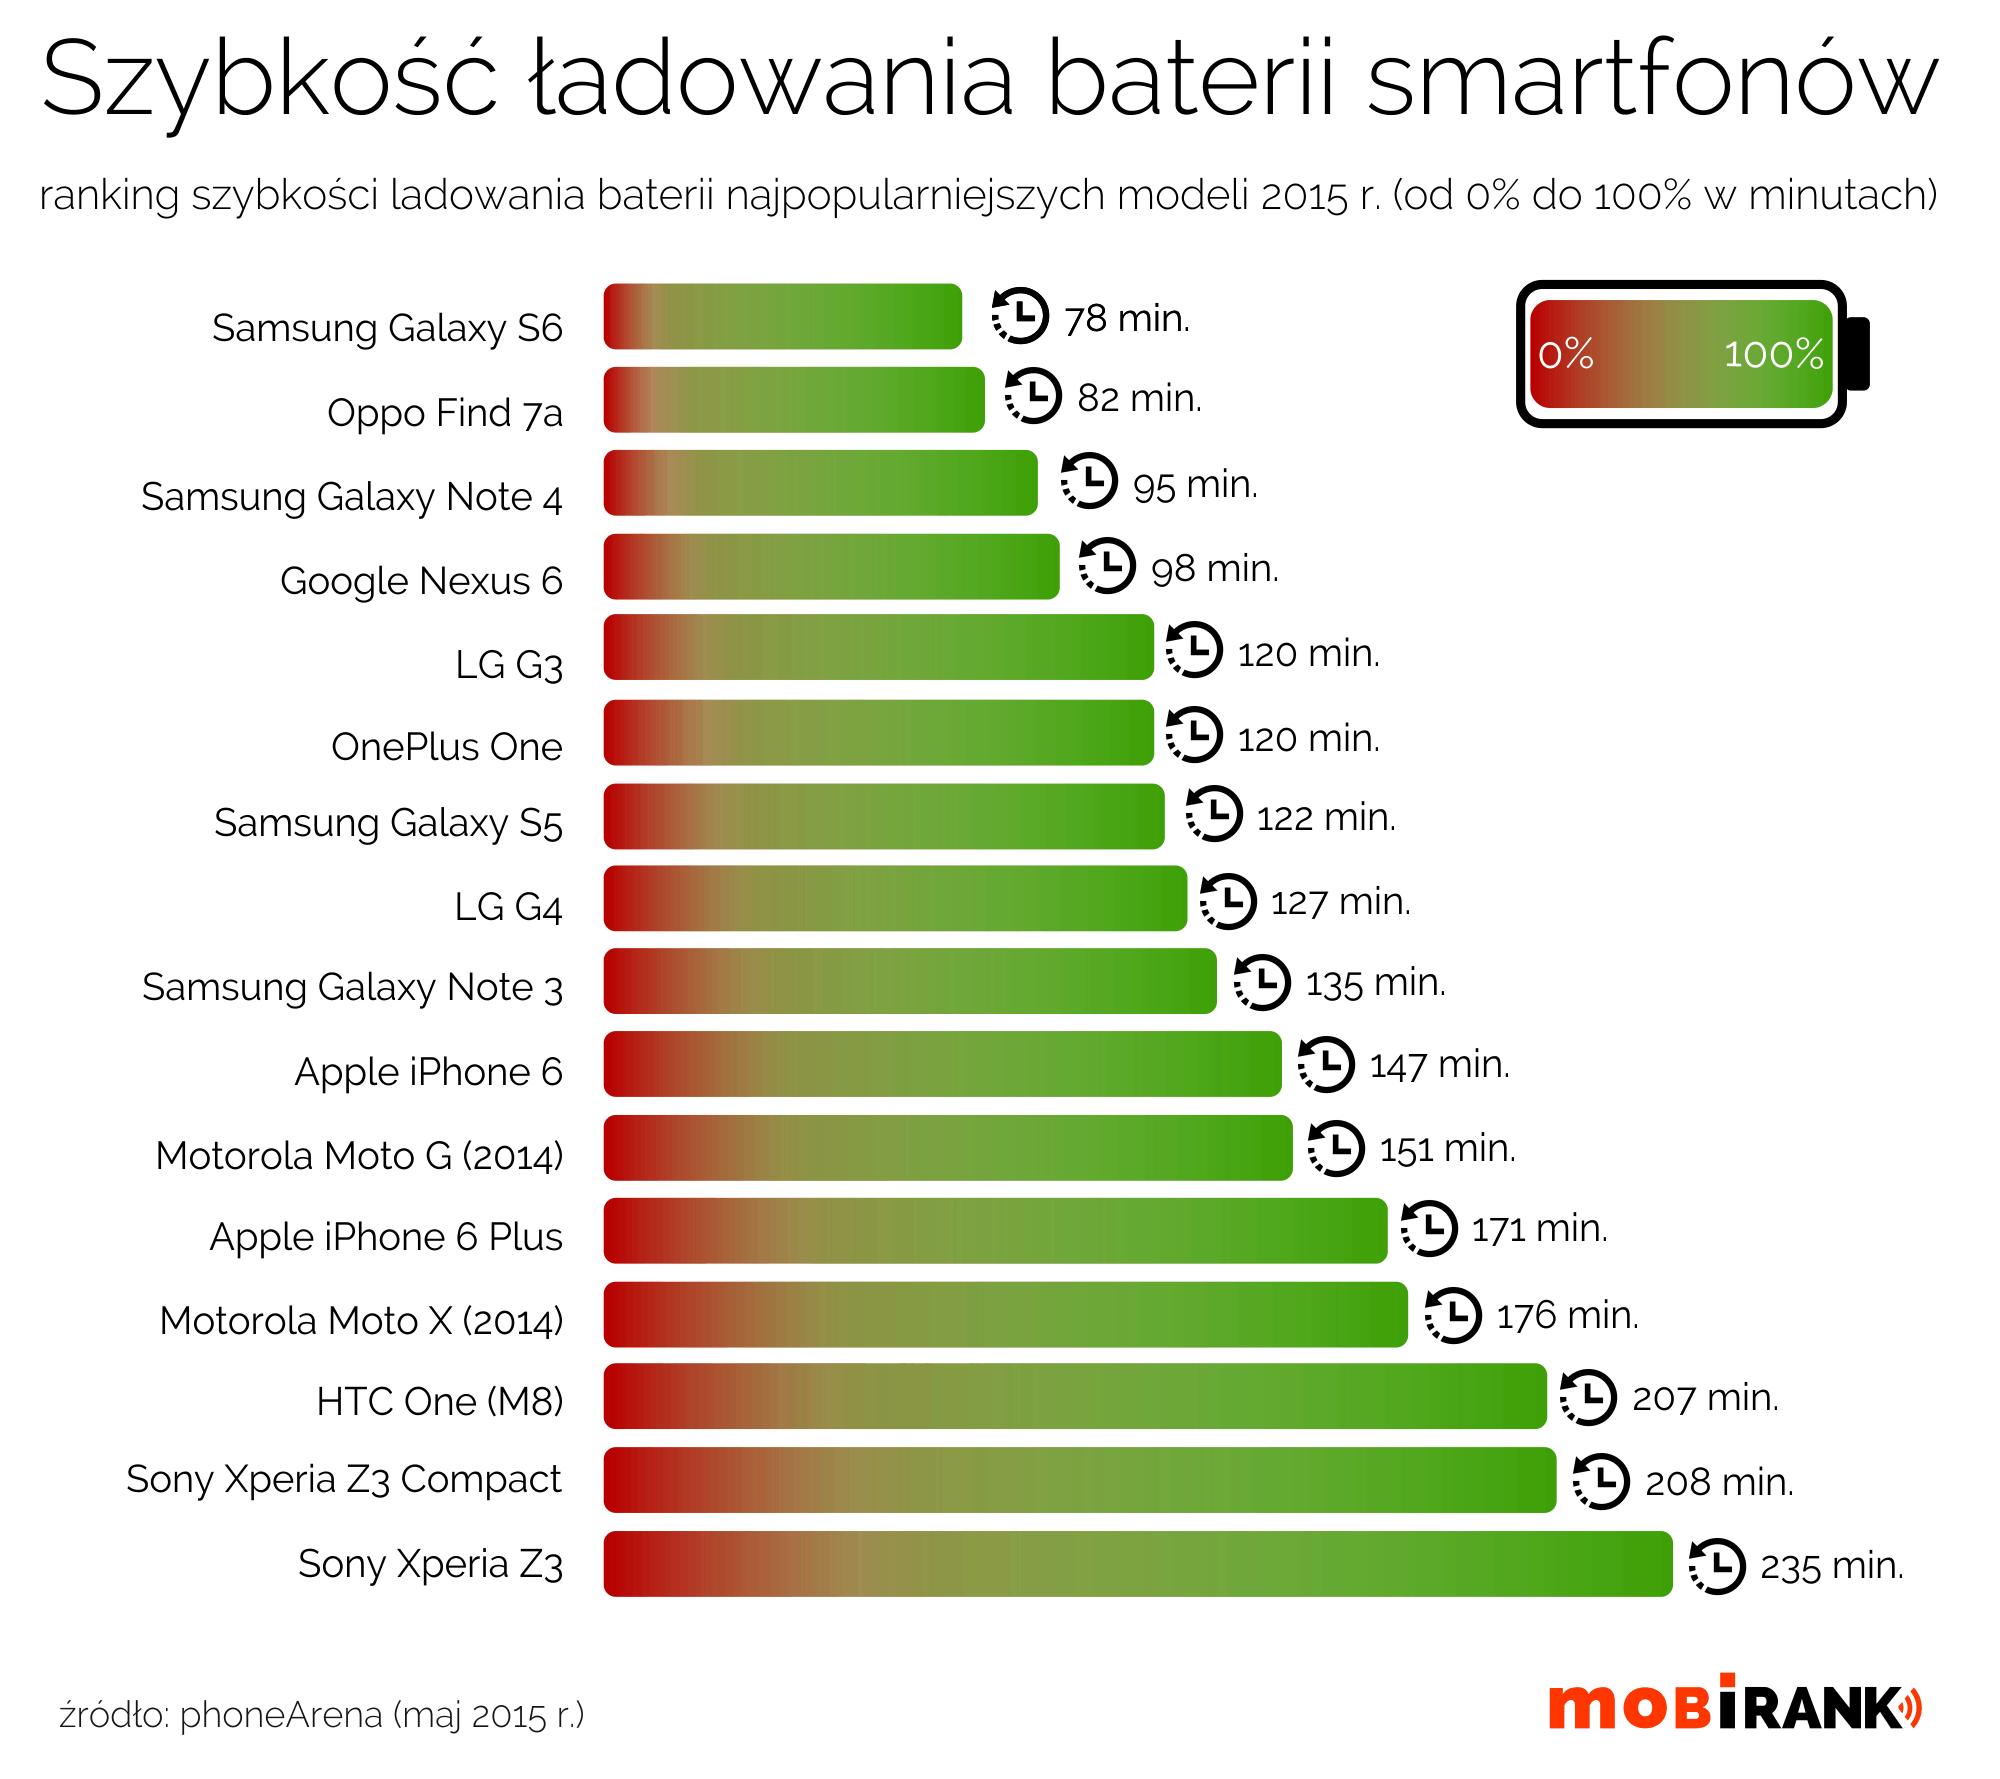 Szybkość ładowania się baterii smartfonów - ranking 2015